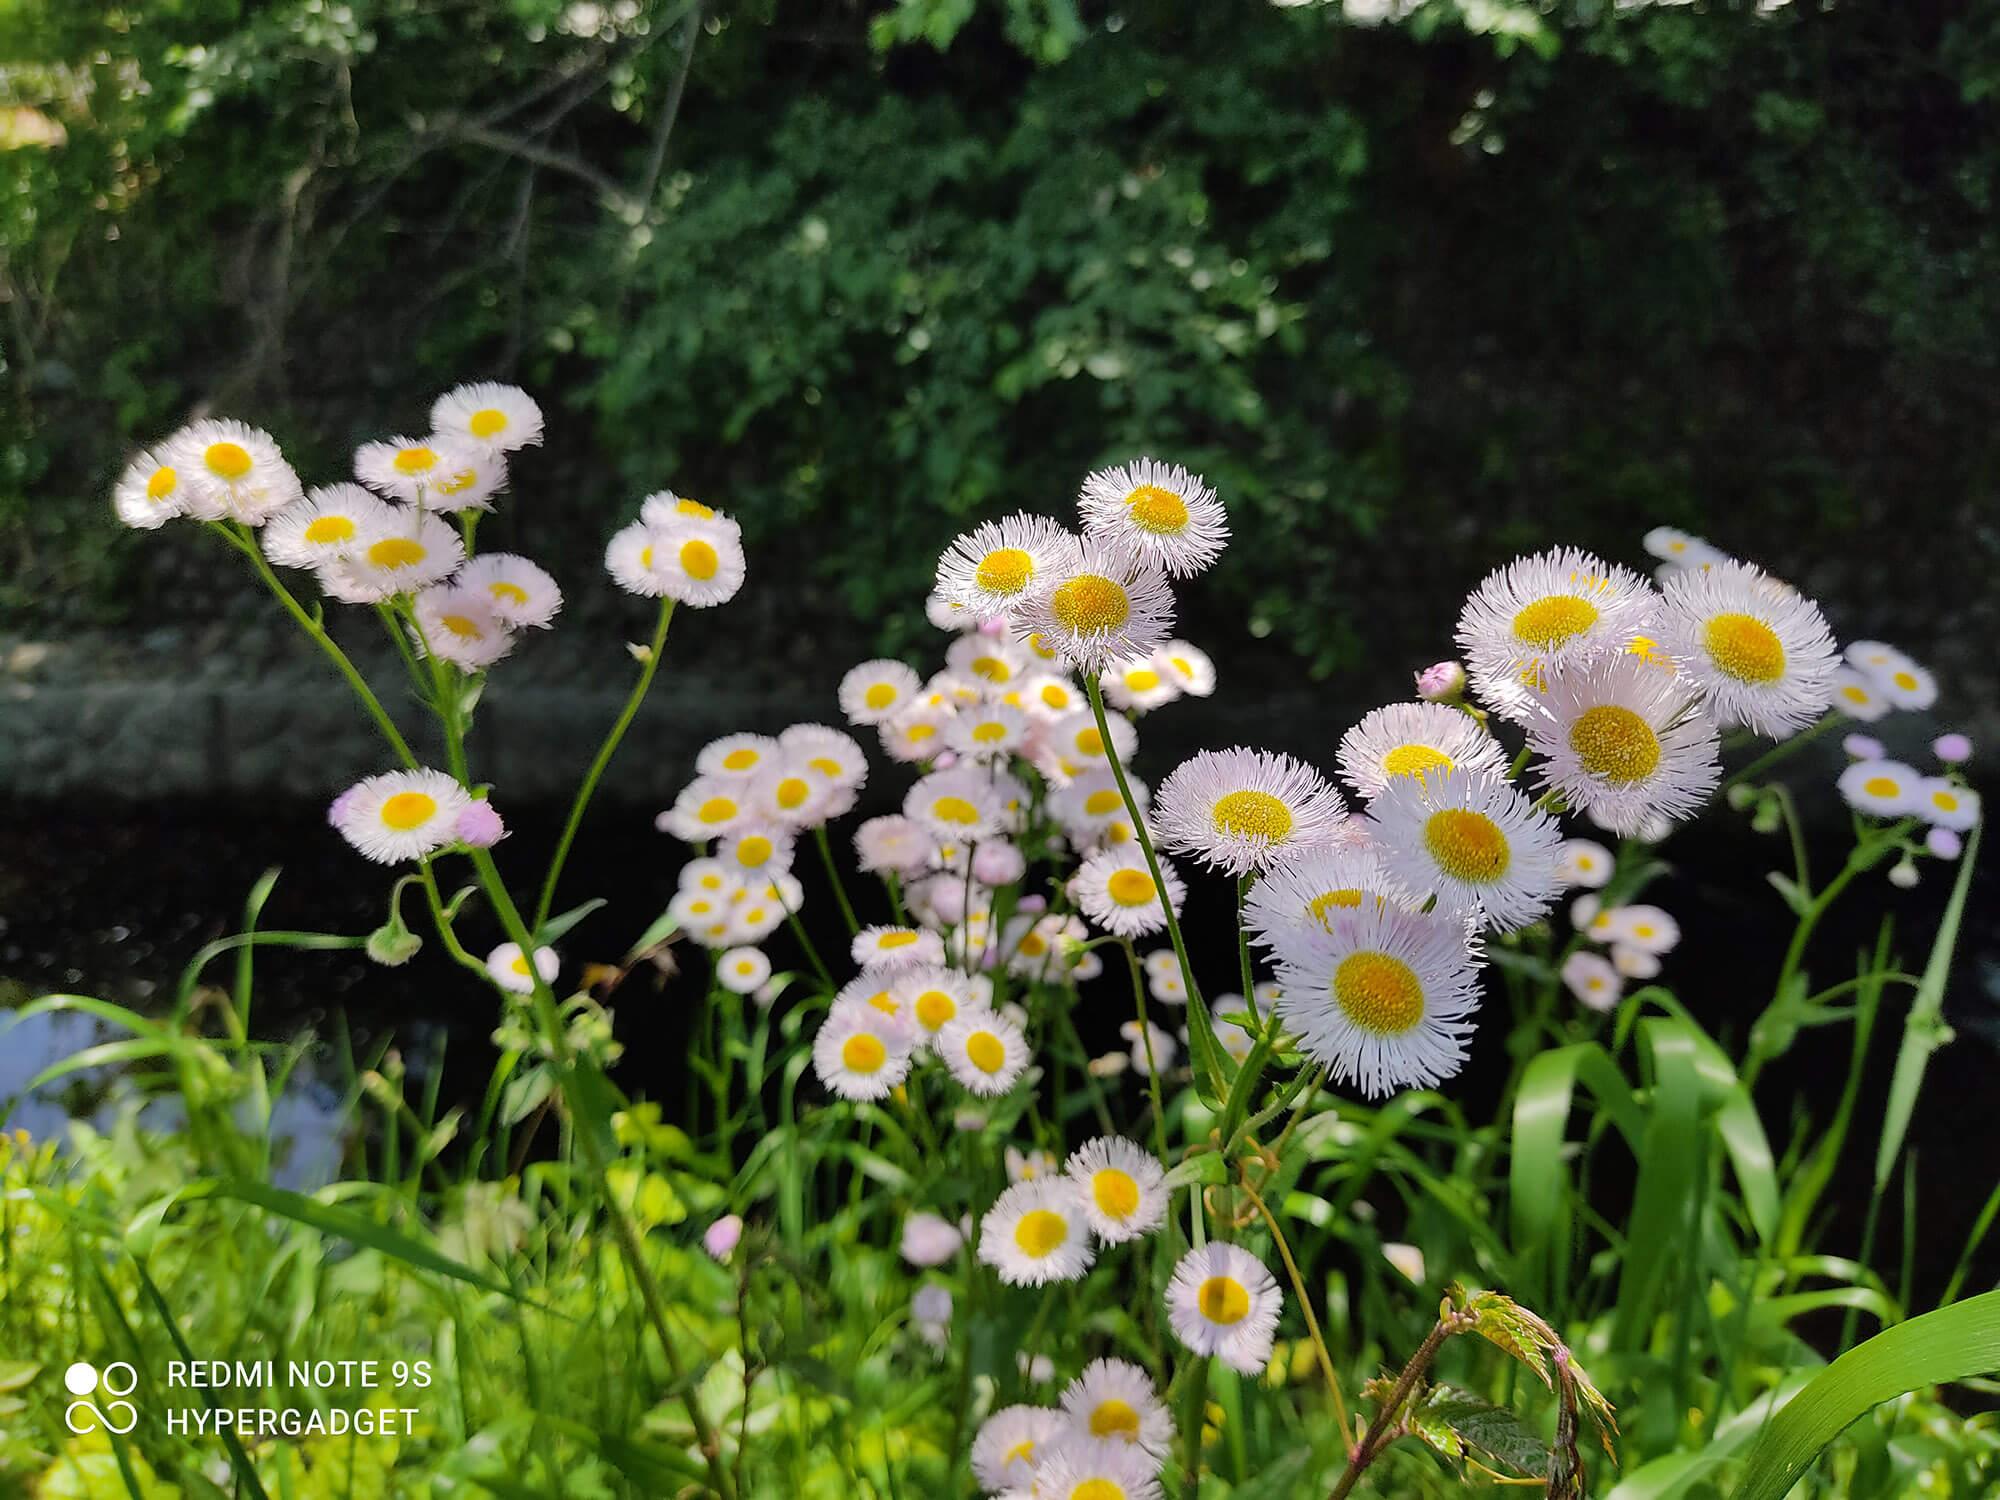 Redmi Note 9Sで撮影した白い花